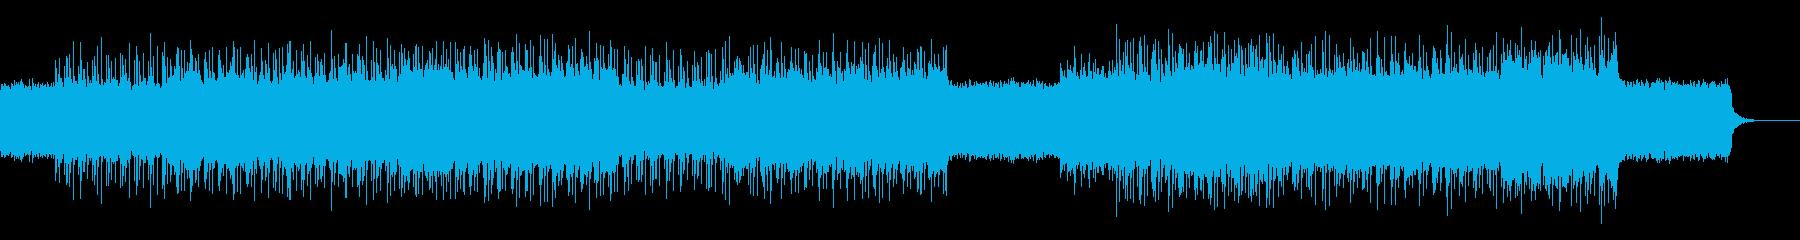 パワフルでサビ感の強いテクノロックBGMの再生済みの波形